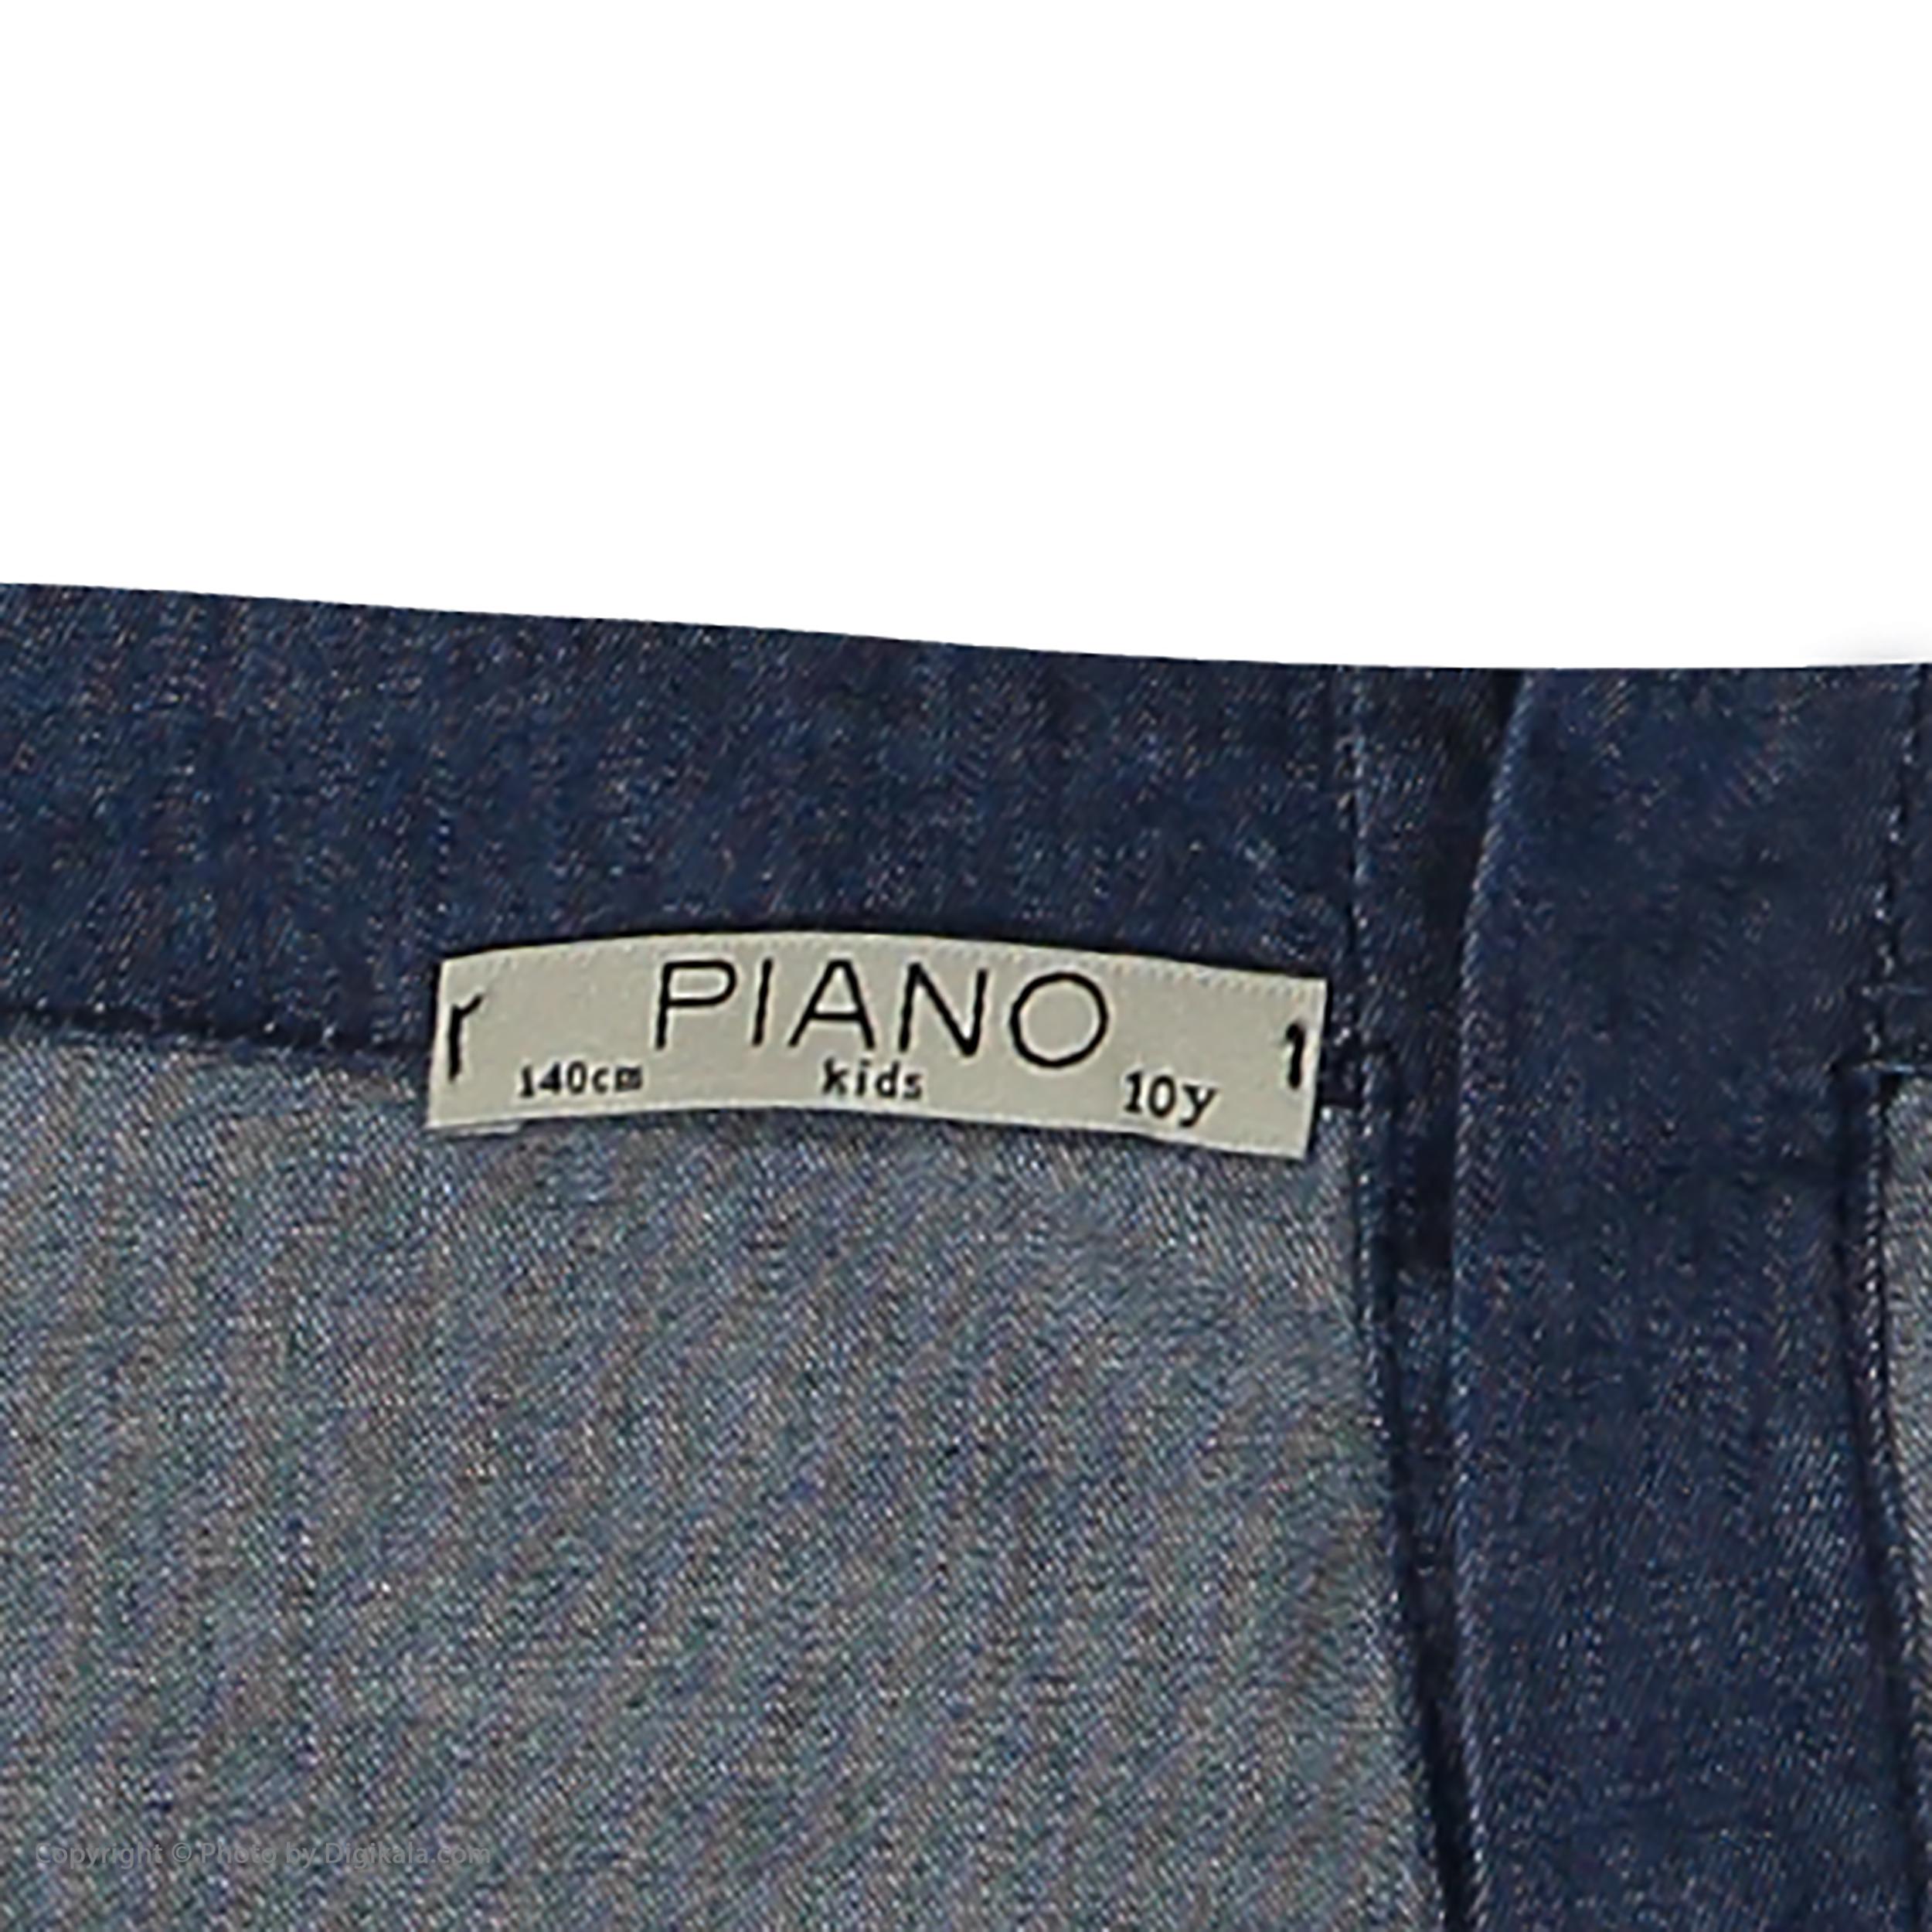 سرهمی دخترانه پیانو مدل 05818-59 -  - 4